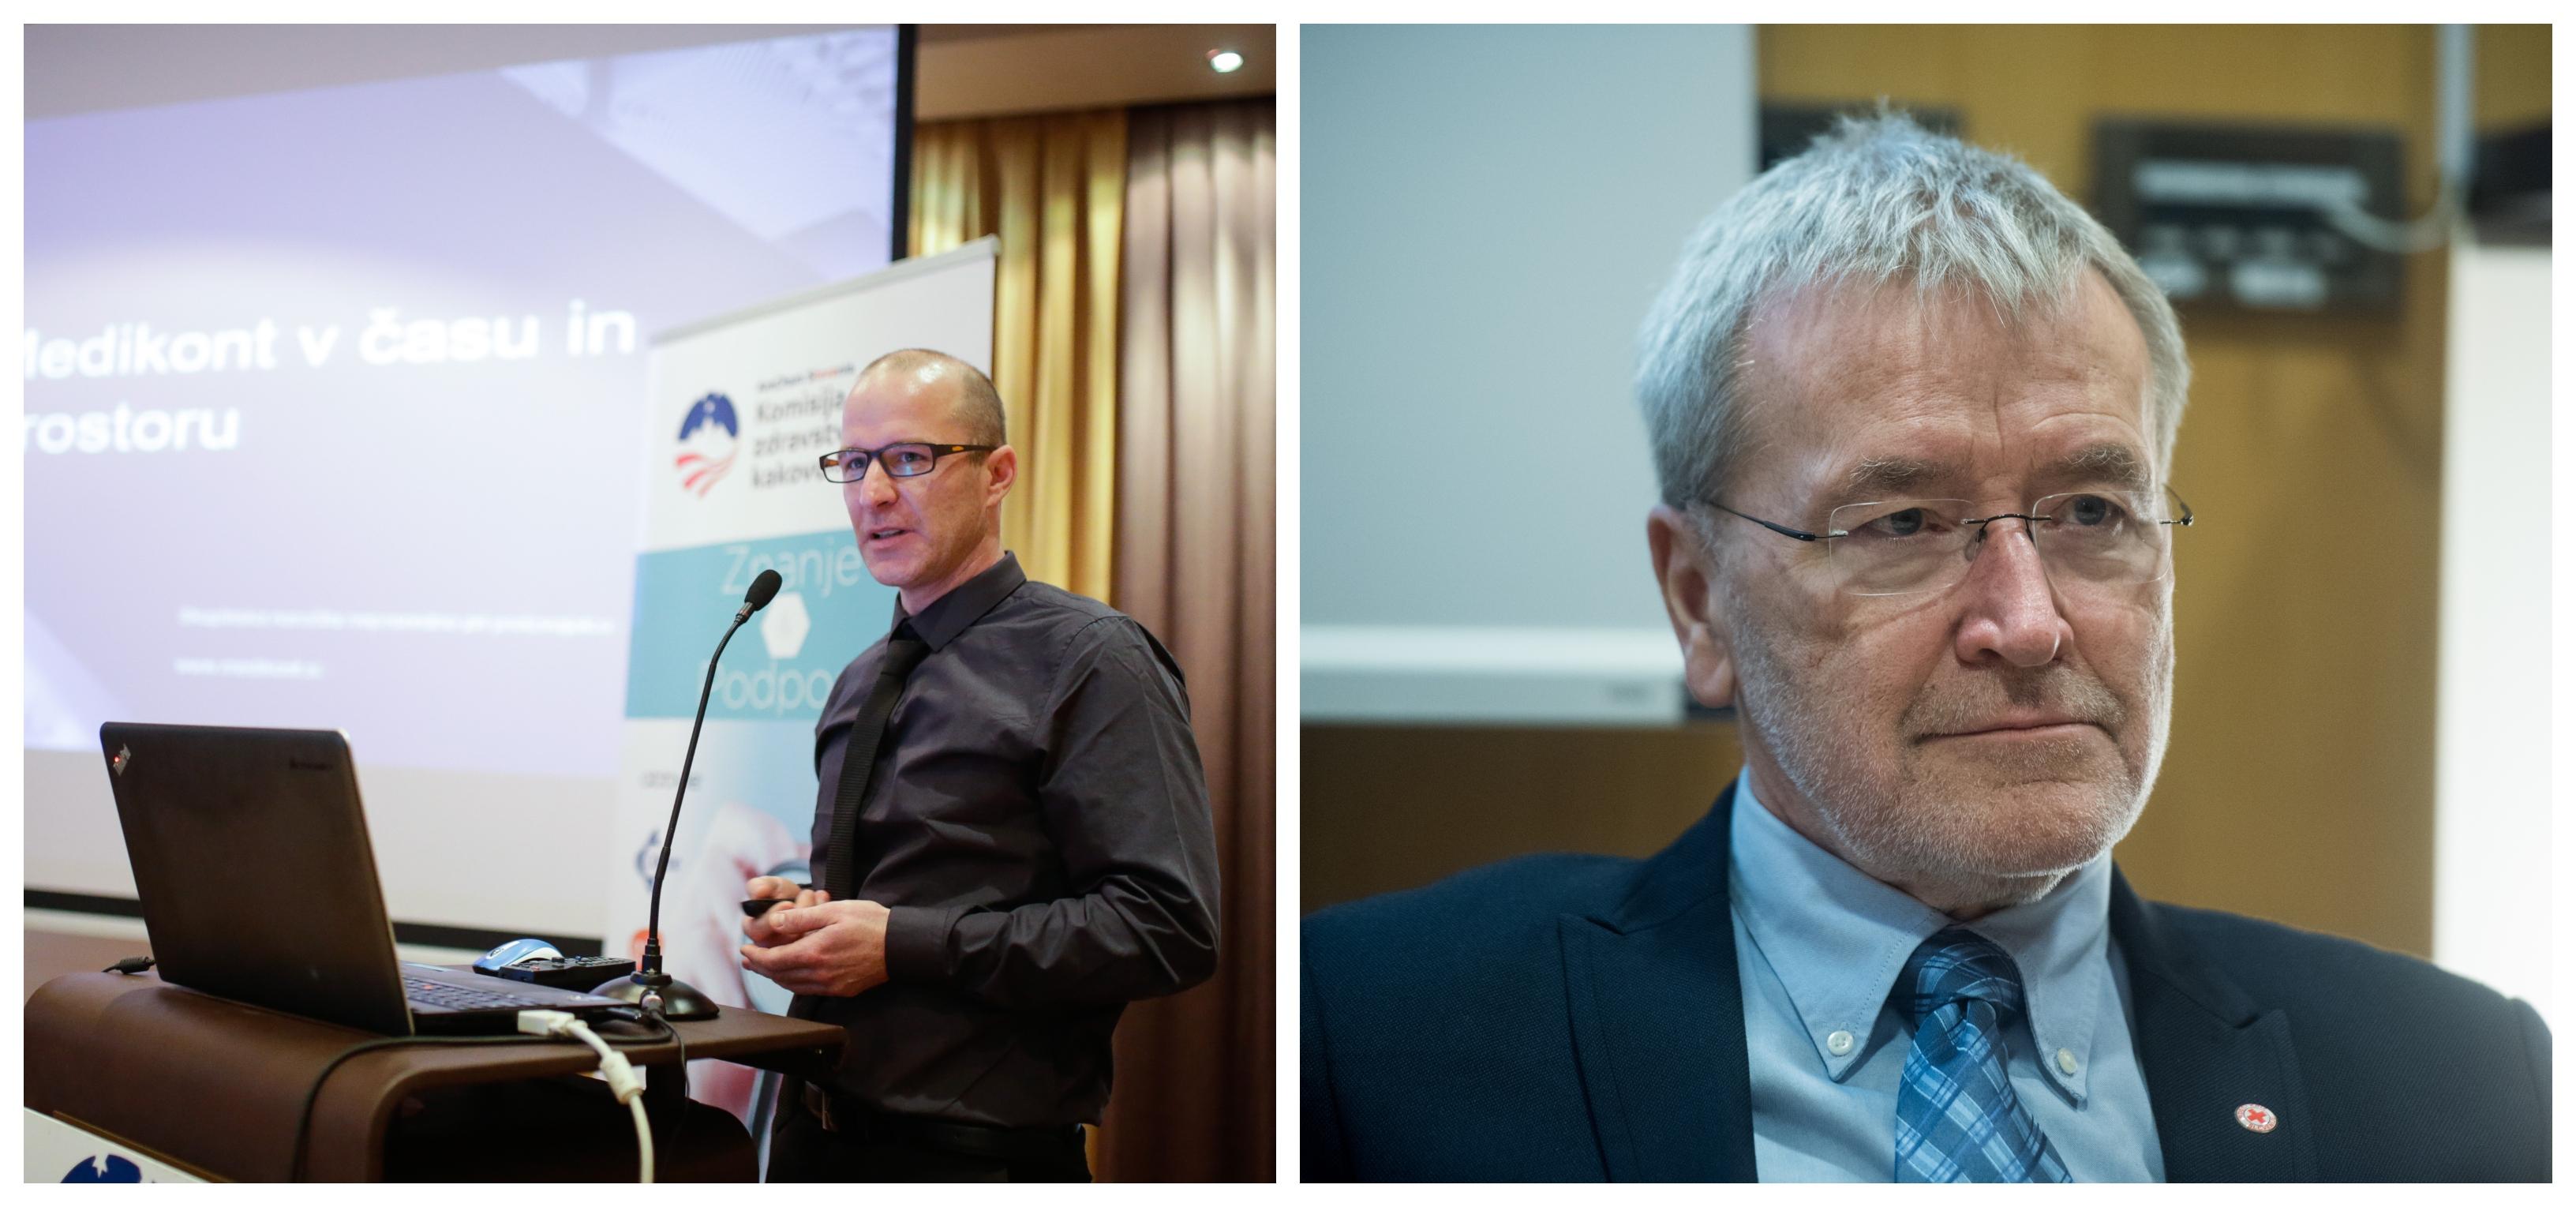 Zobozdravnik Krištof Zevnik se je kritično lotil zdravstvenih zamisli bivšega ministra za zdravje Dušana Kebra (Foto: STA)